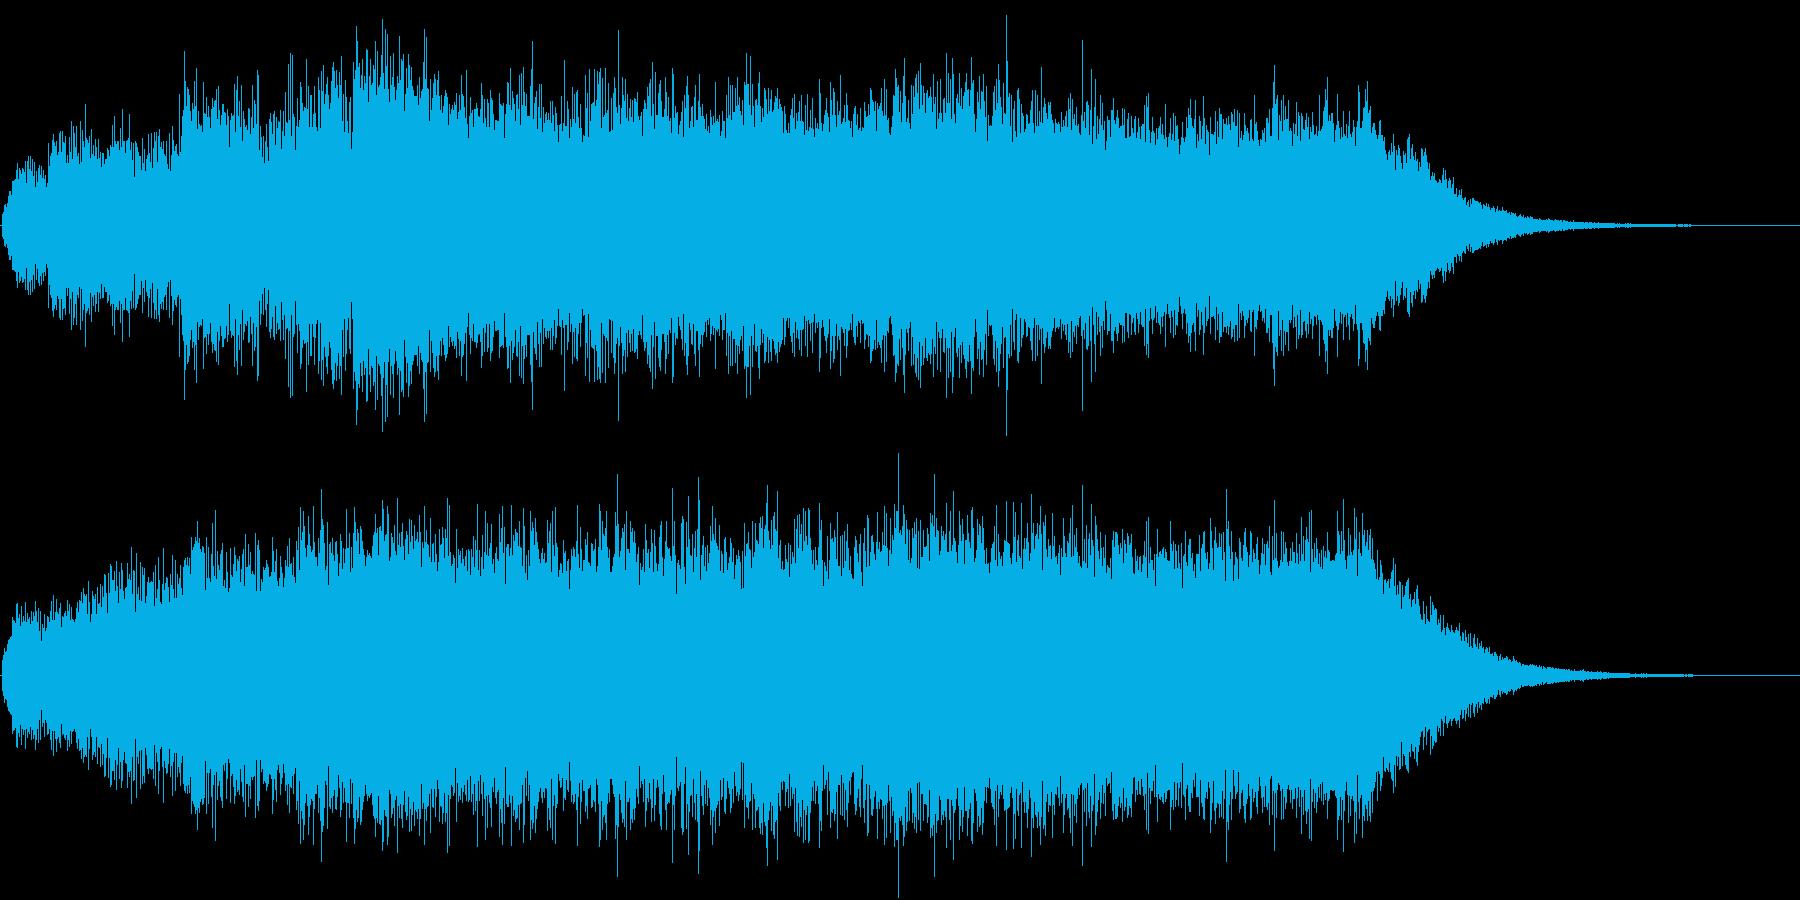 UFO・宇宙人登場イメージの再生済みの波形